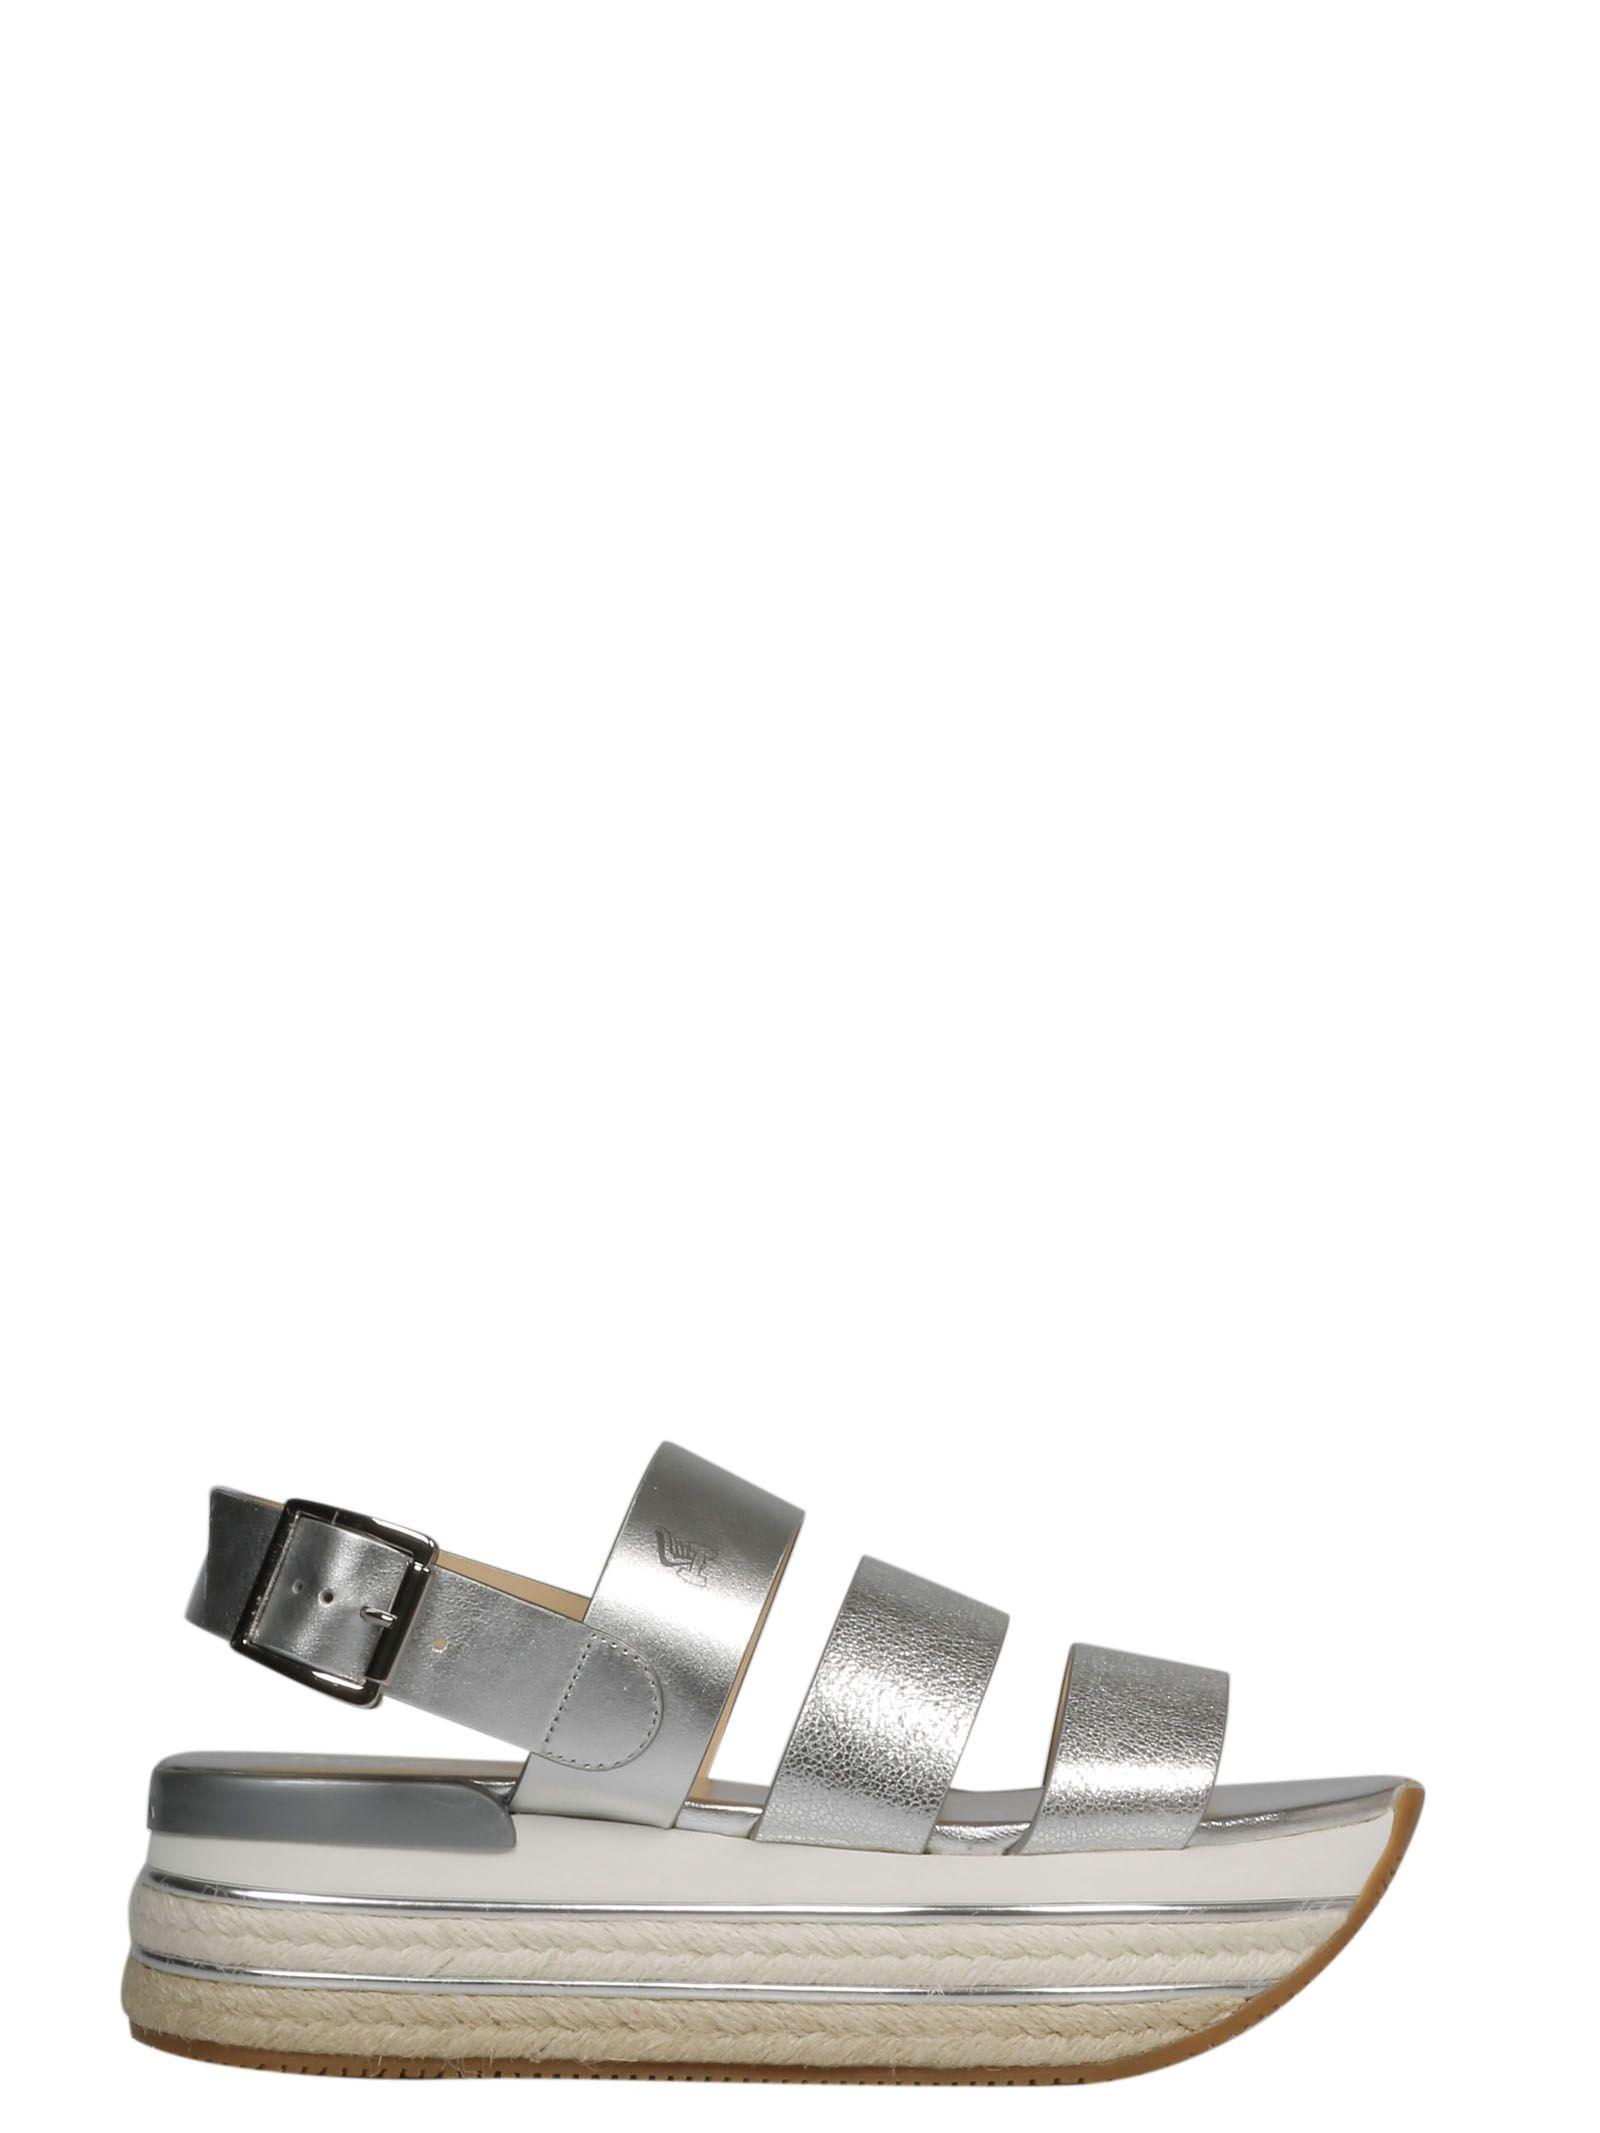 35e02147430f Hogan Hogan Platform Sandals - 10882083